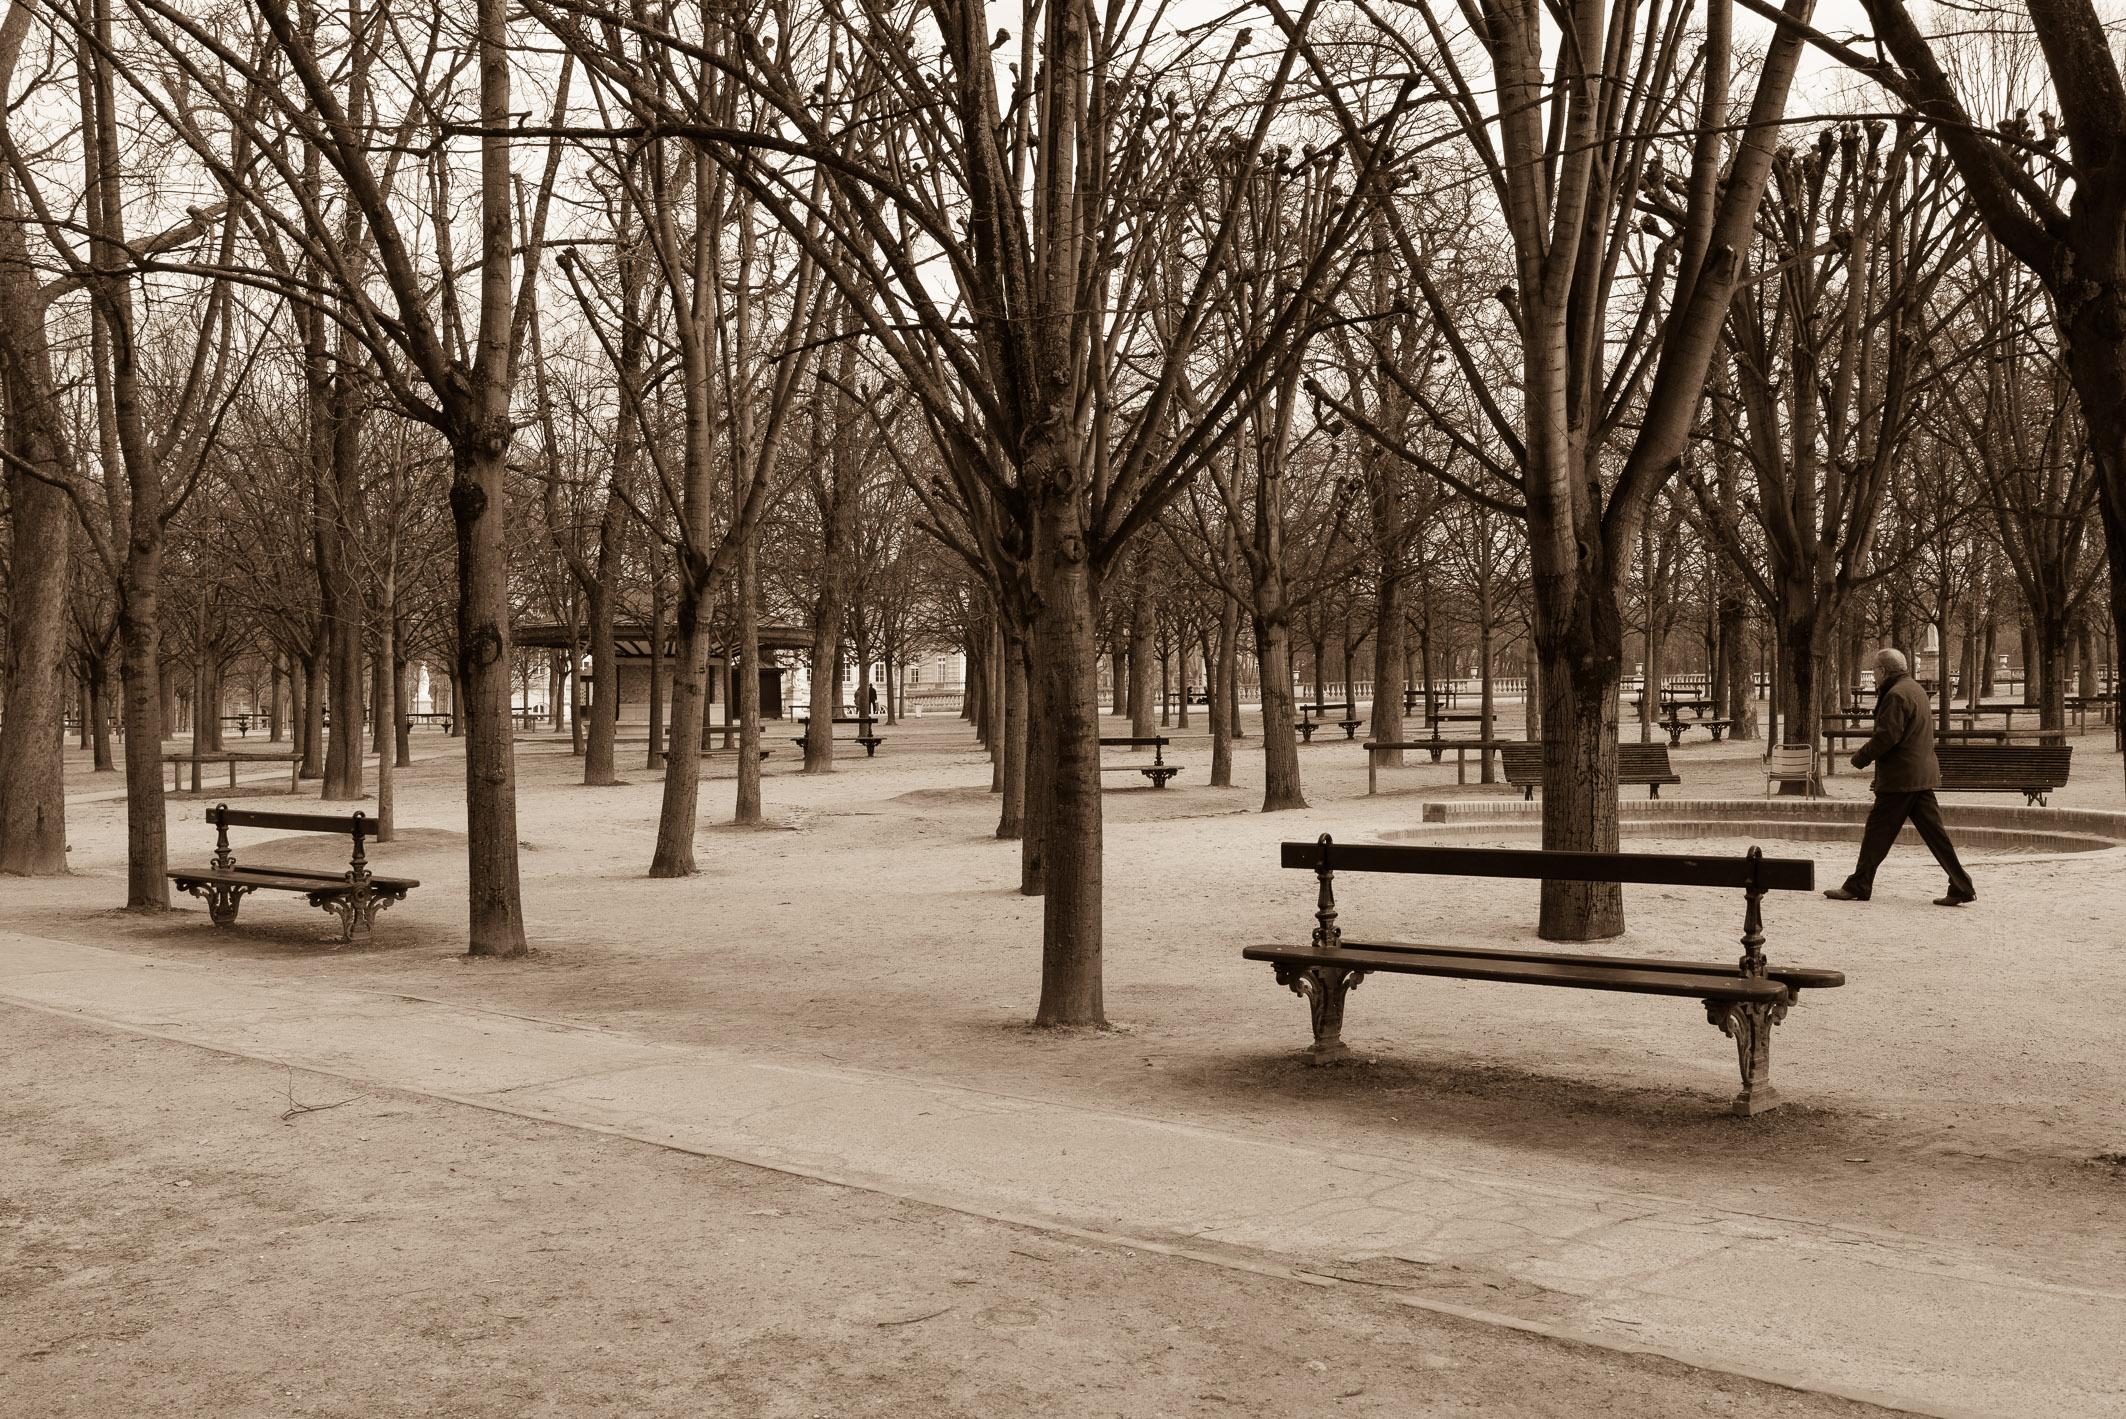 erwt paris-53.jpg